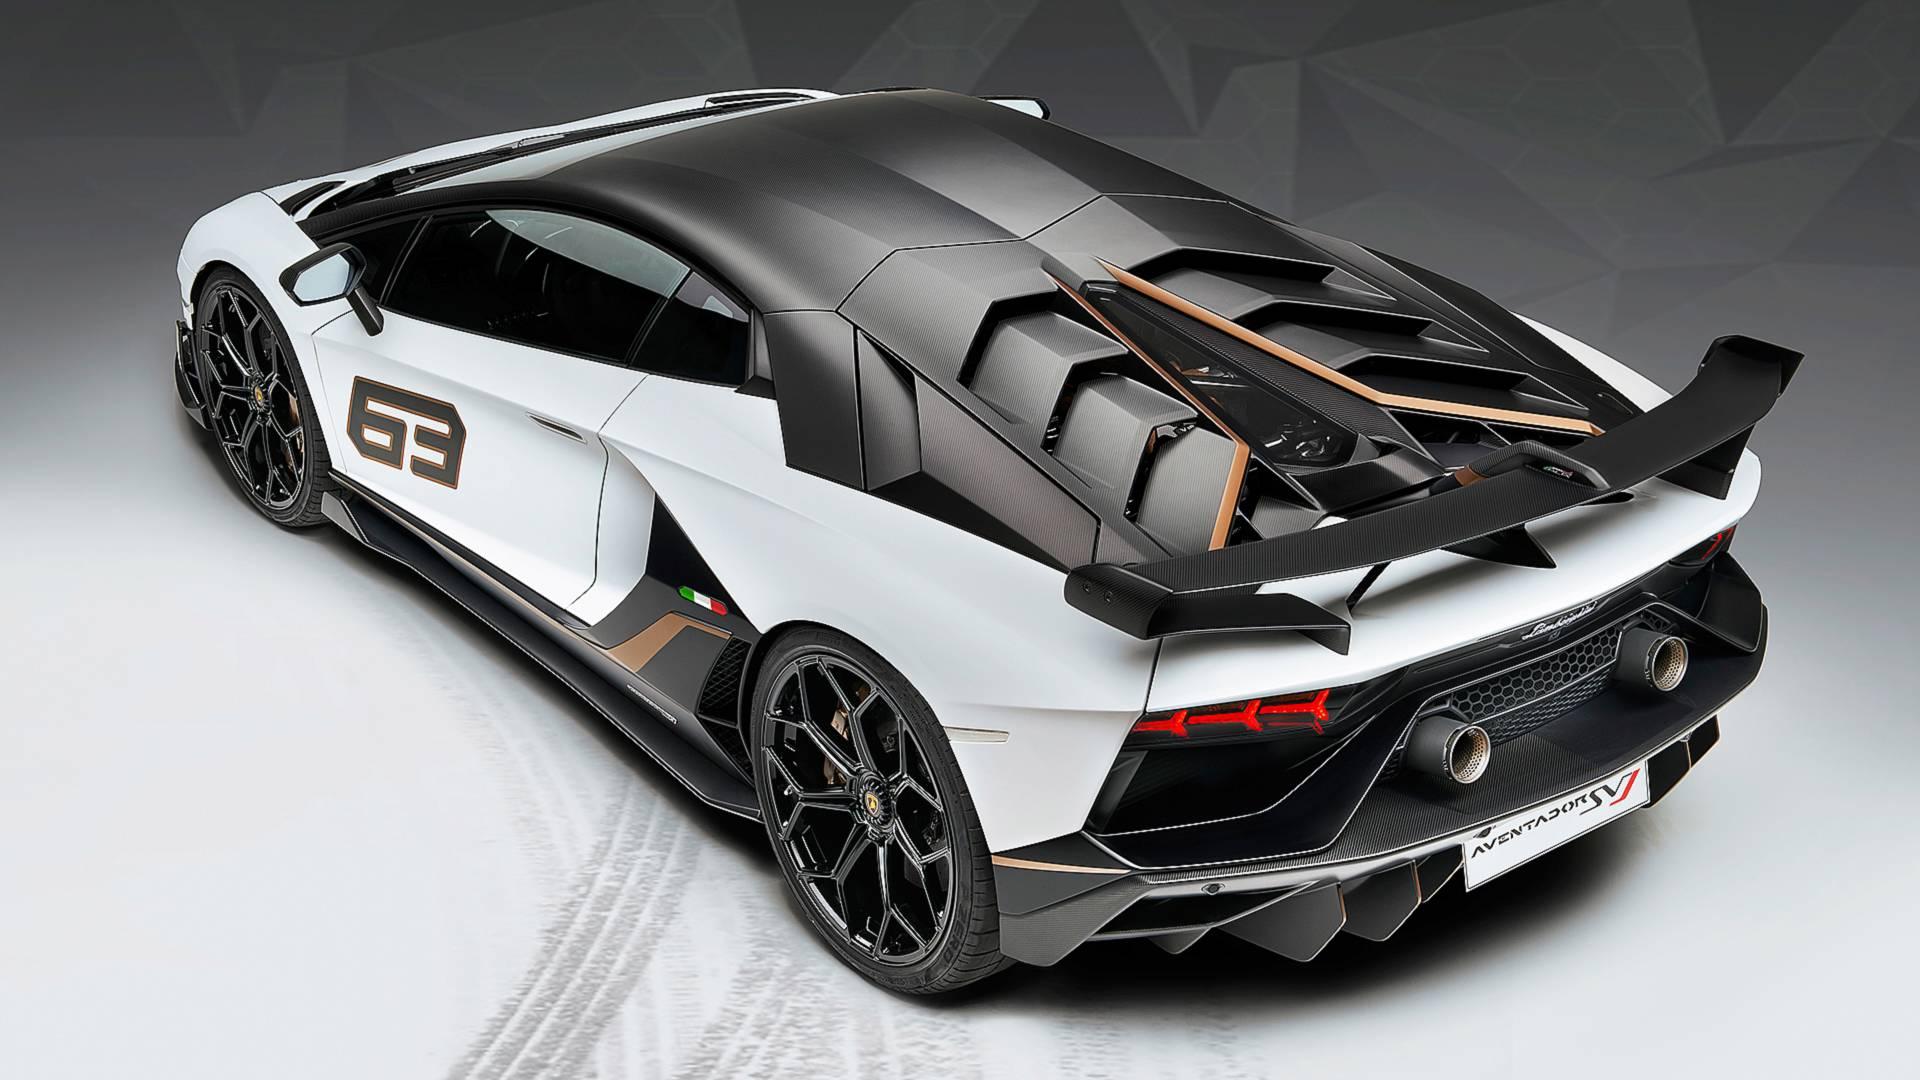 Lamborghini Aventador Svj Infiniti Prototype 10 Audi Pb18 E Tron